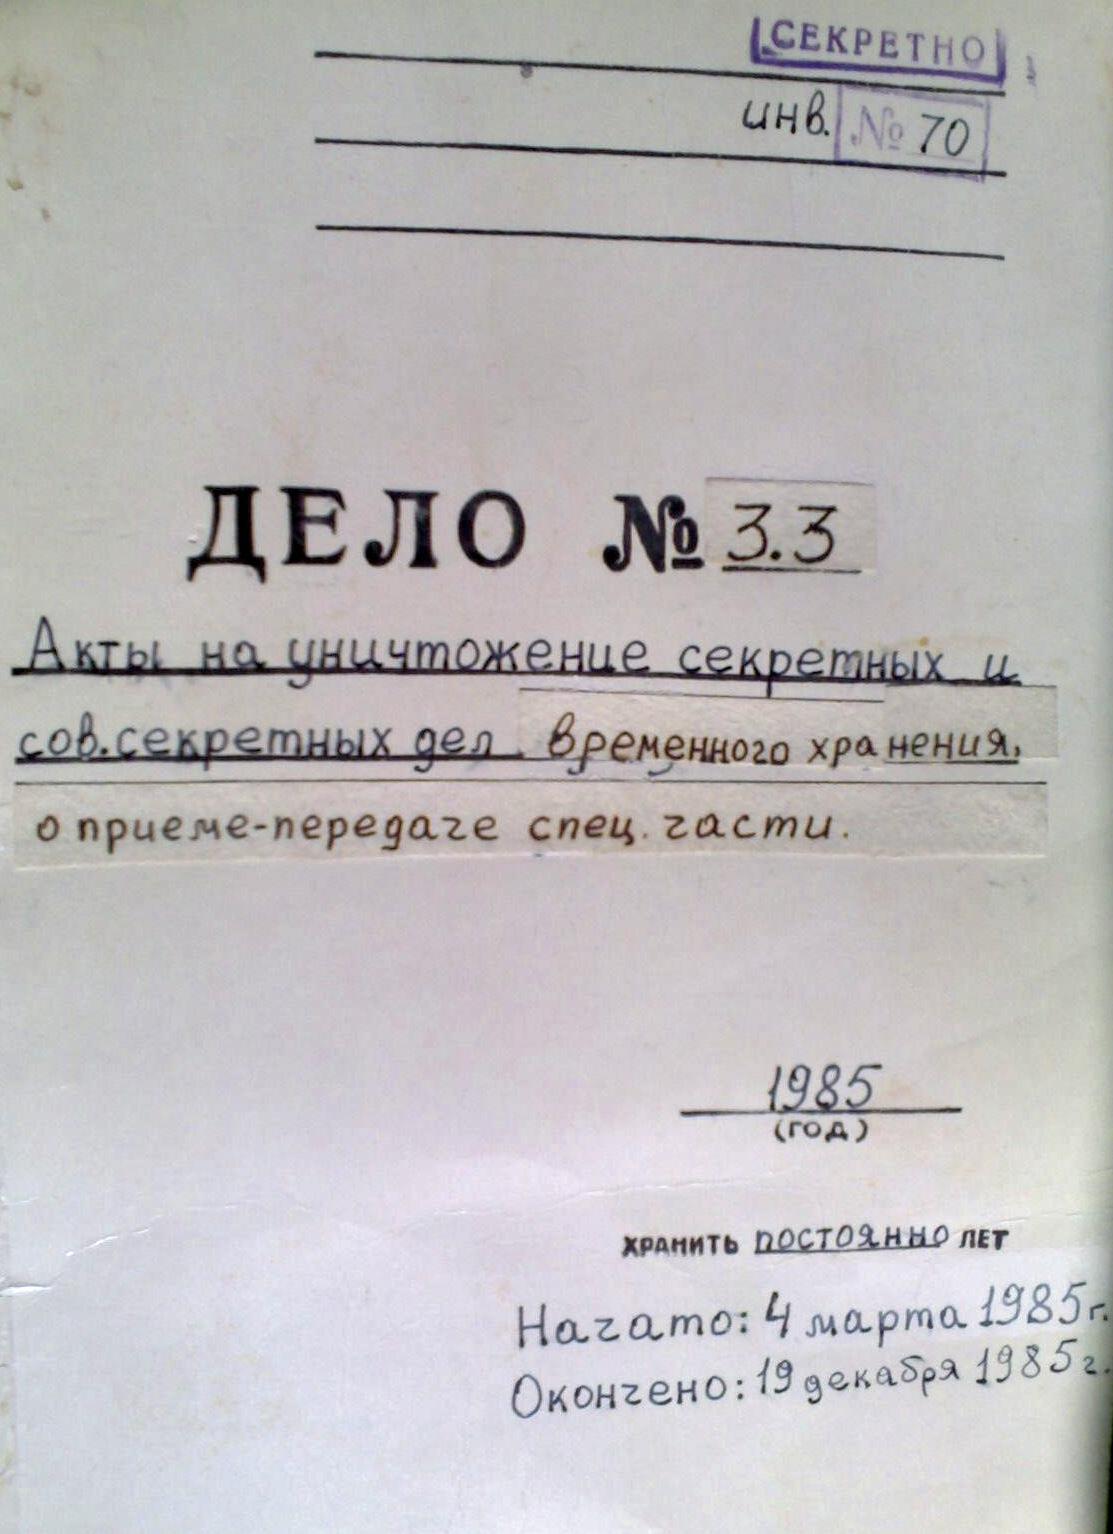 Фото из личного архива И.Калытюка